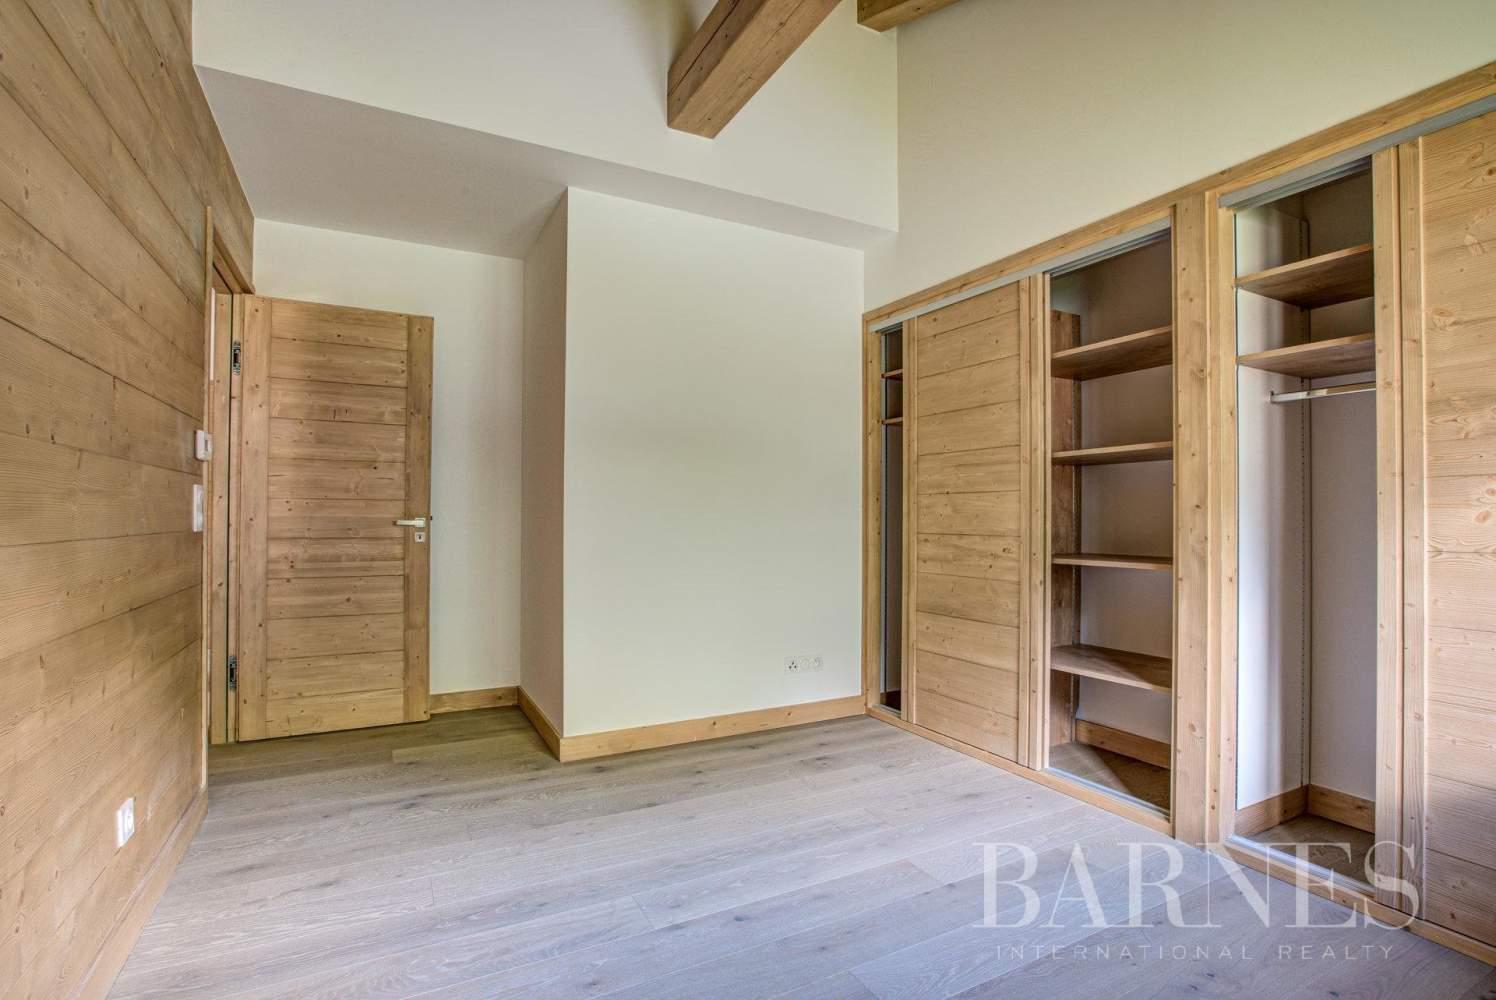 CHAMONIX-Les Praz- bel appartement neuf- 3 chambres-1 coin montagne-2 garages picture 12